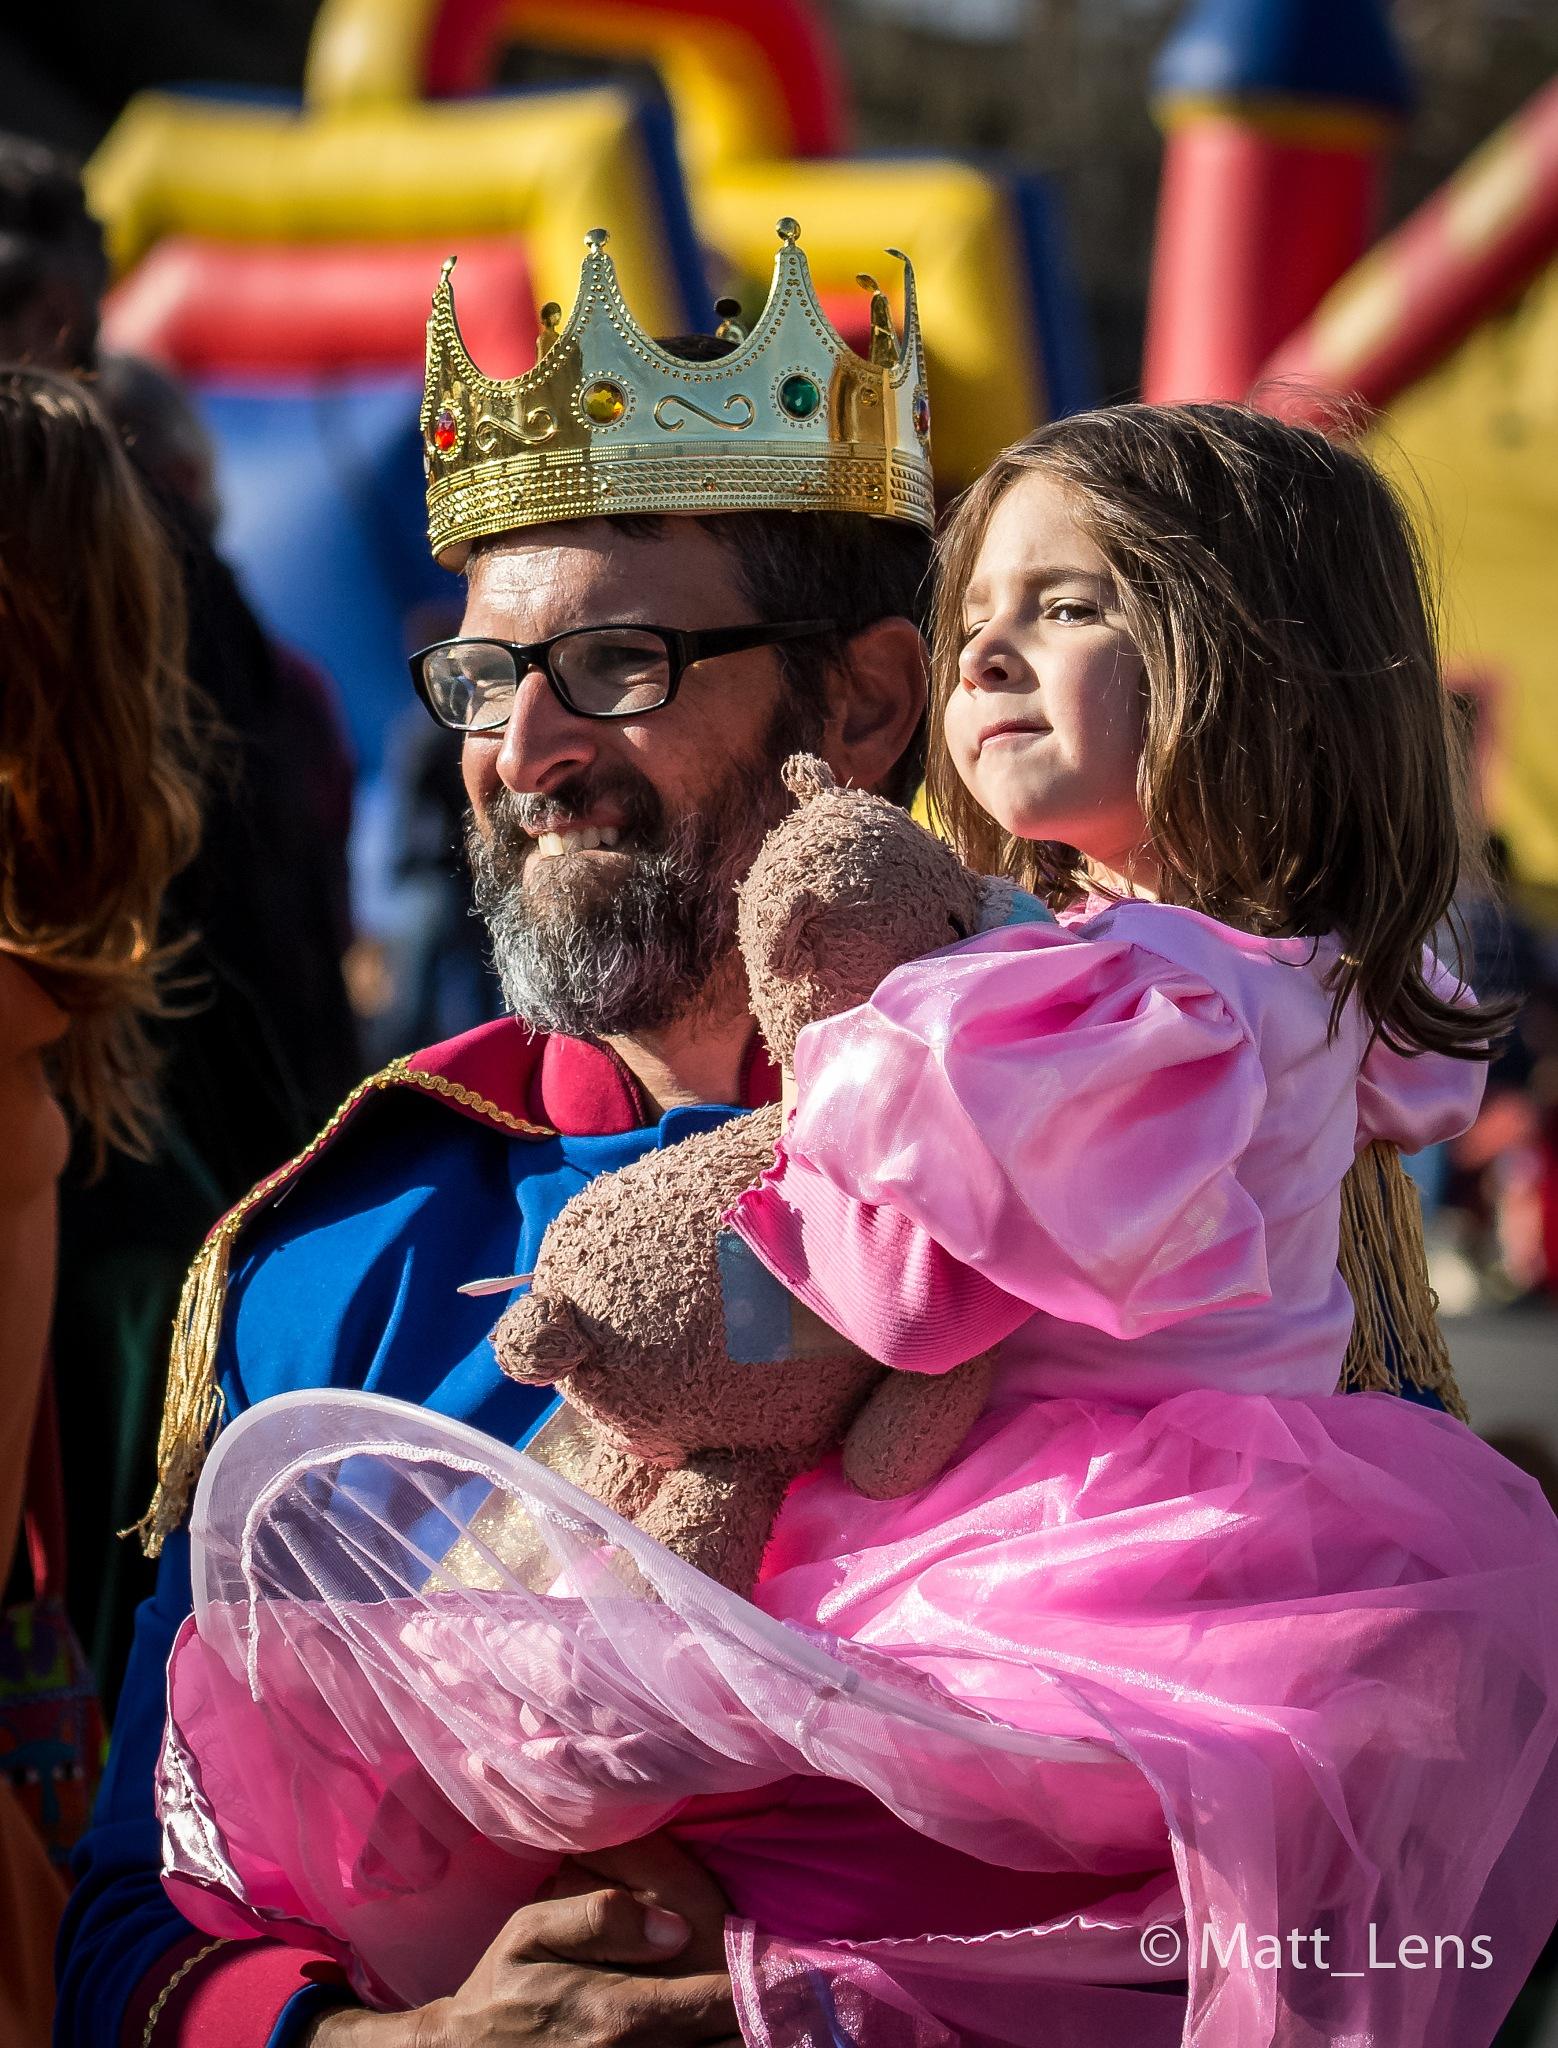 King and Princess ... by Matt_Lens